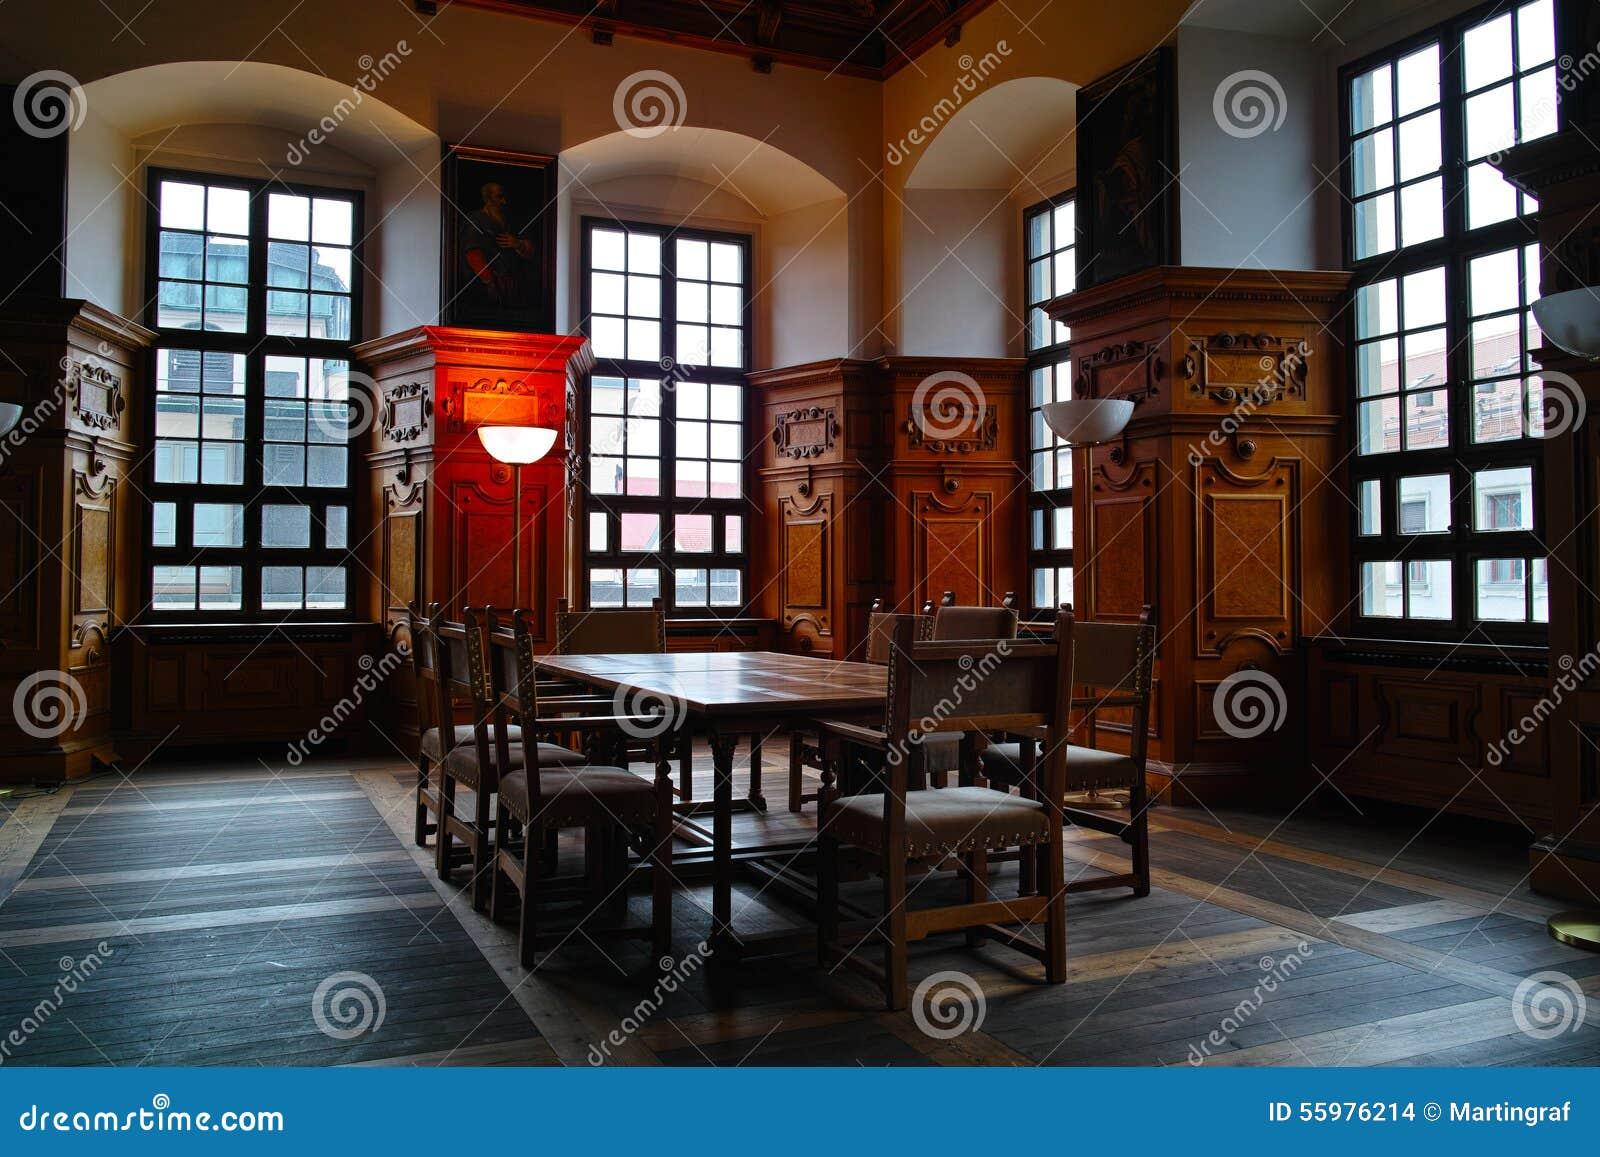 Innenarchitektur des historischen sitzungssaals stockfoto for Innenarchitektur augsburg